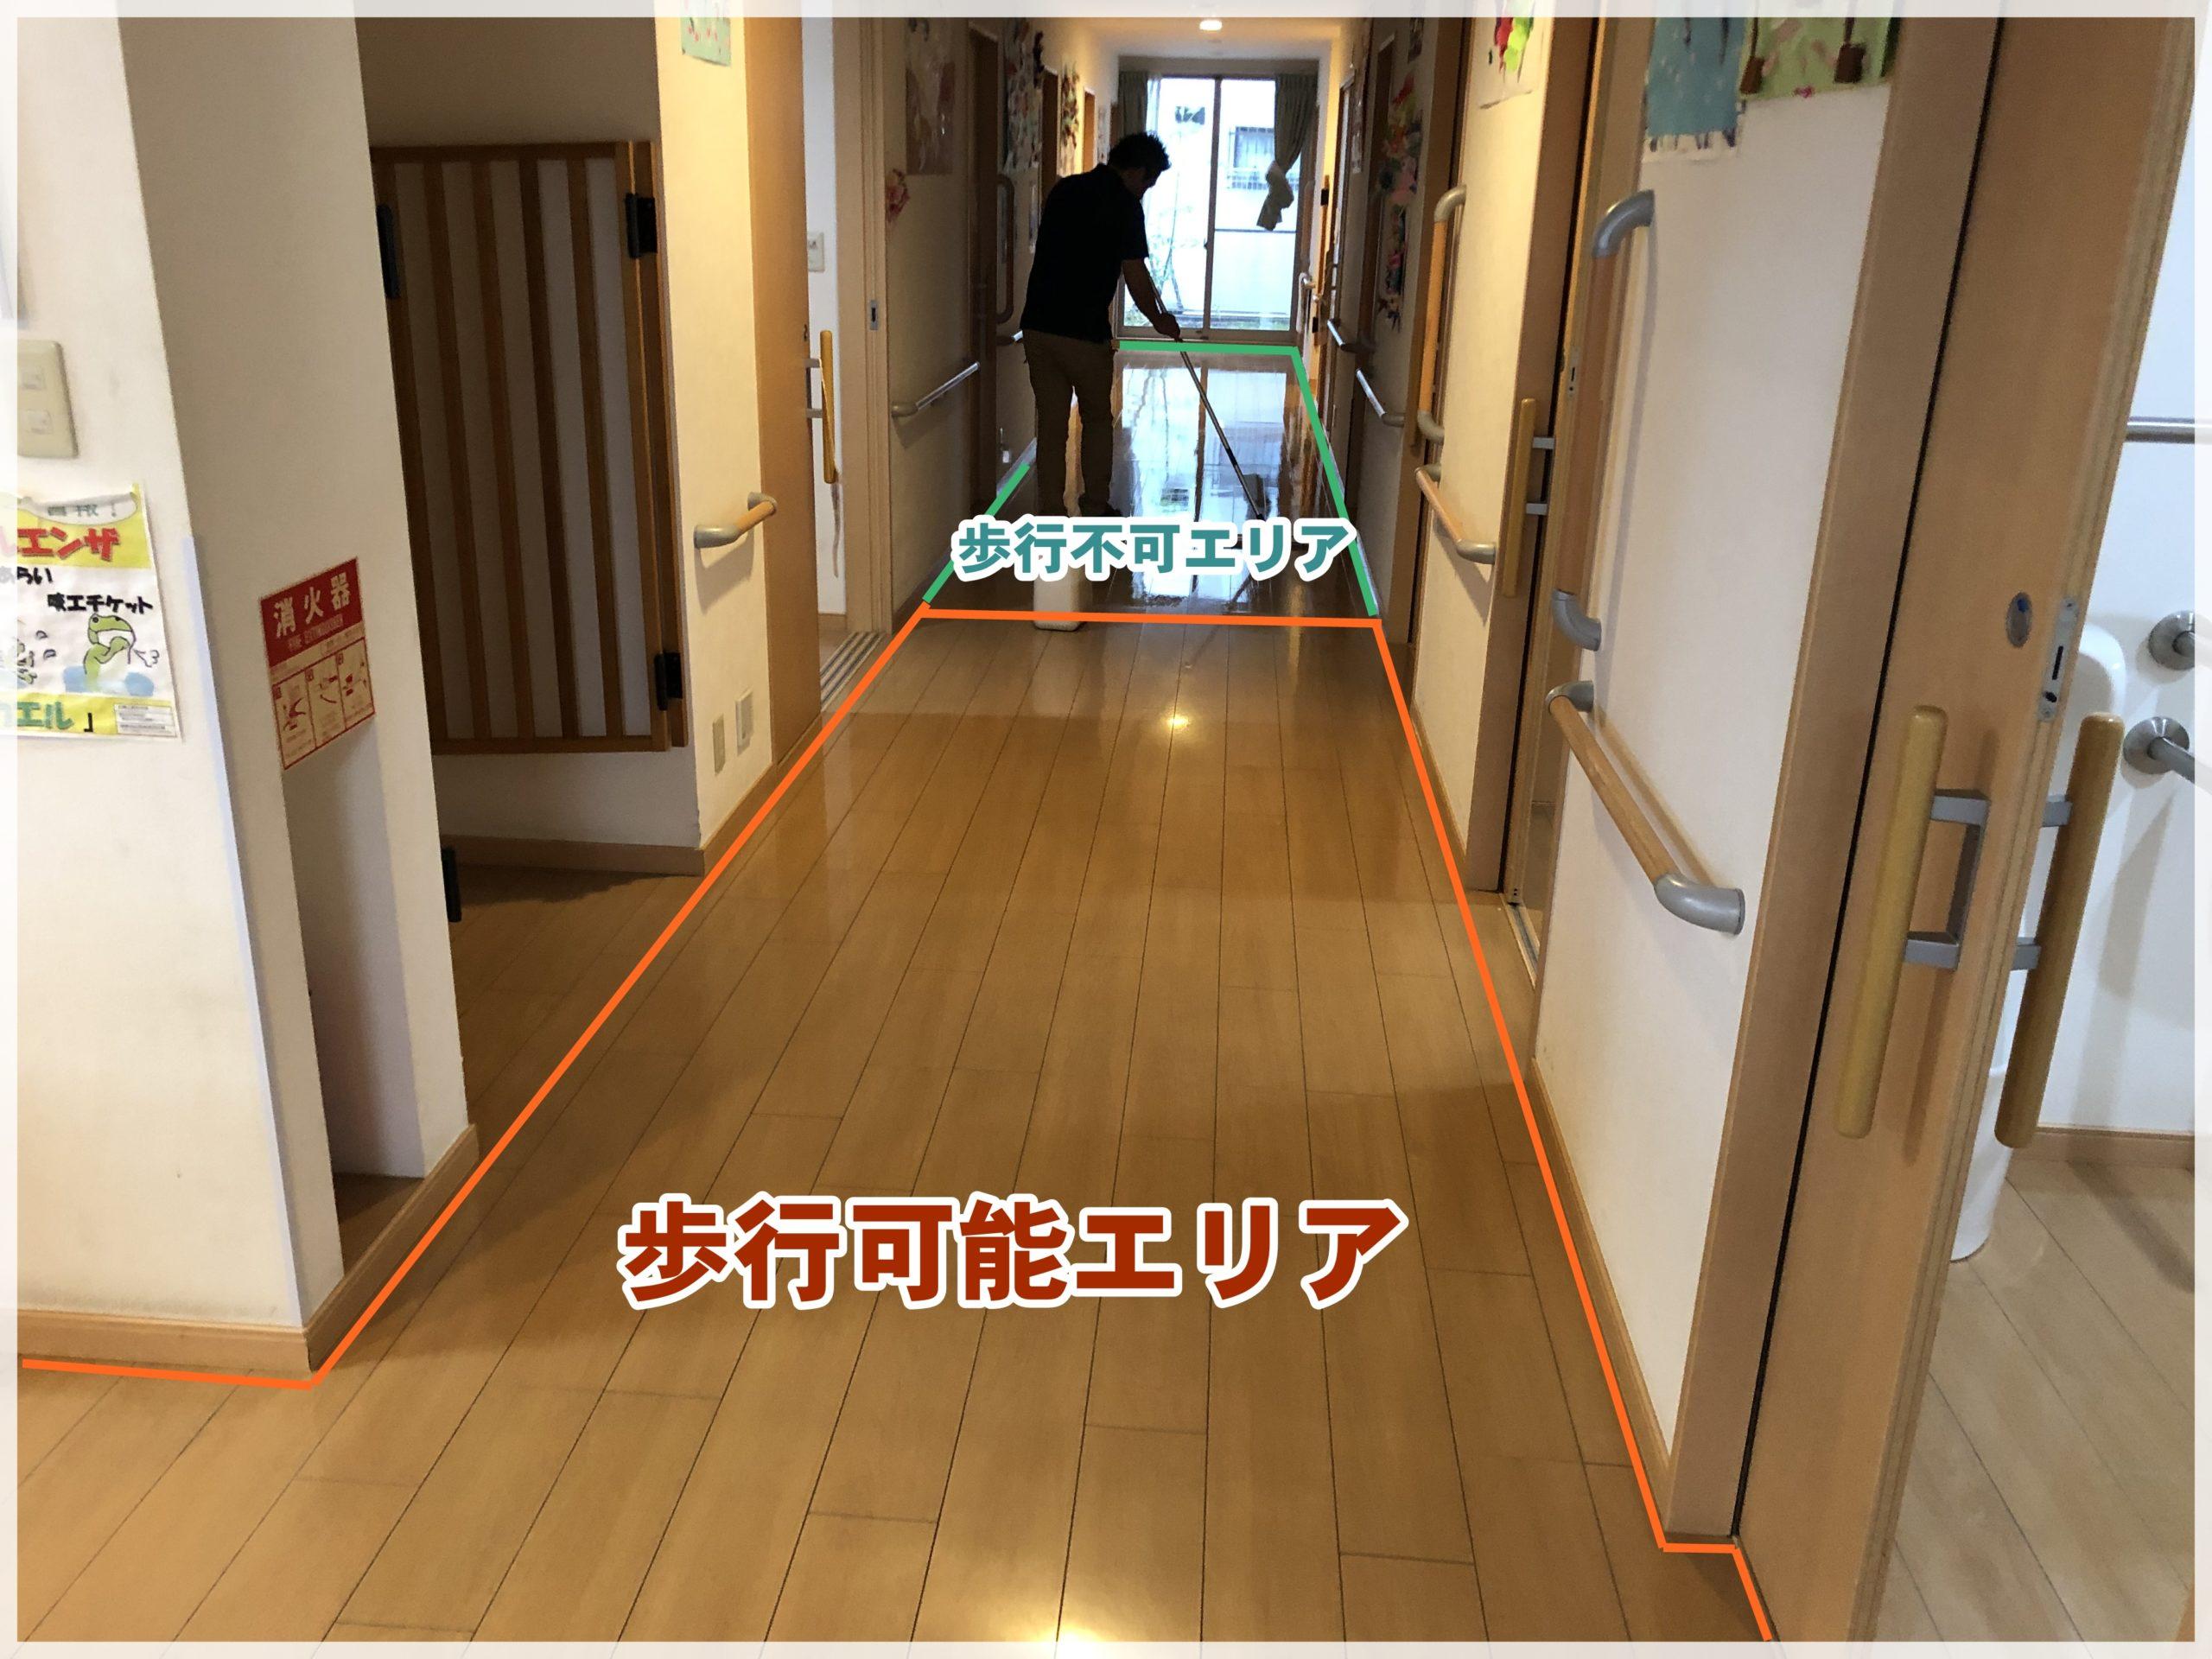 床清掃における歩行不可エリアと歩行可能エリア